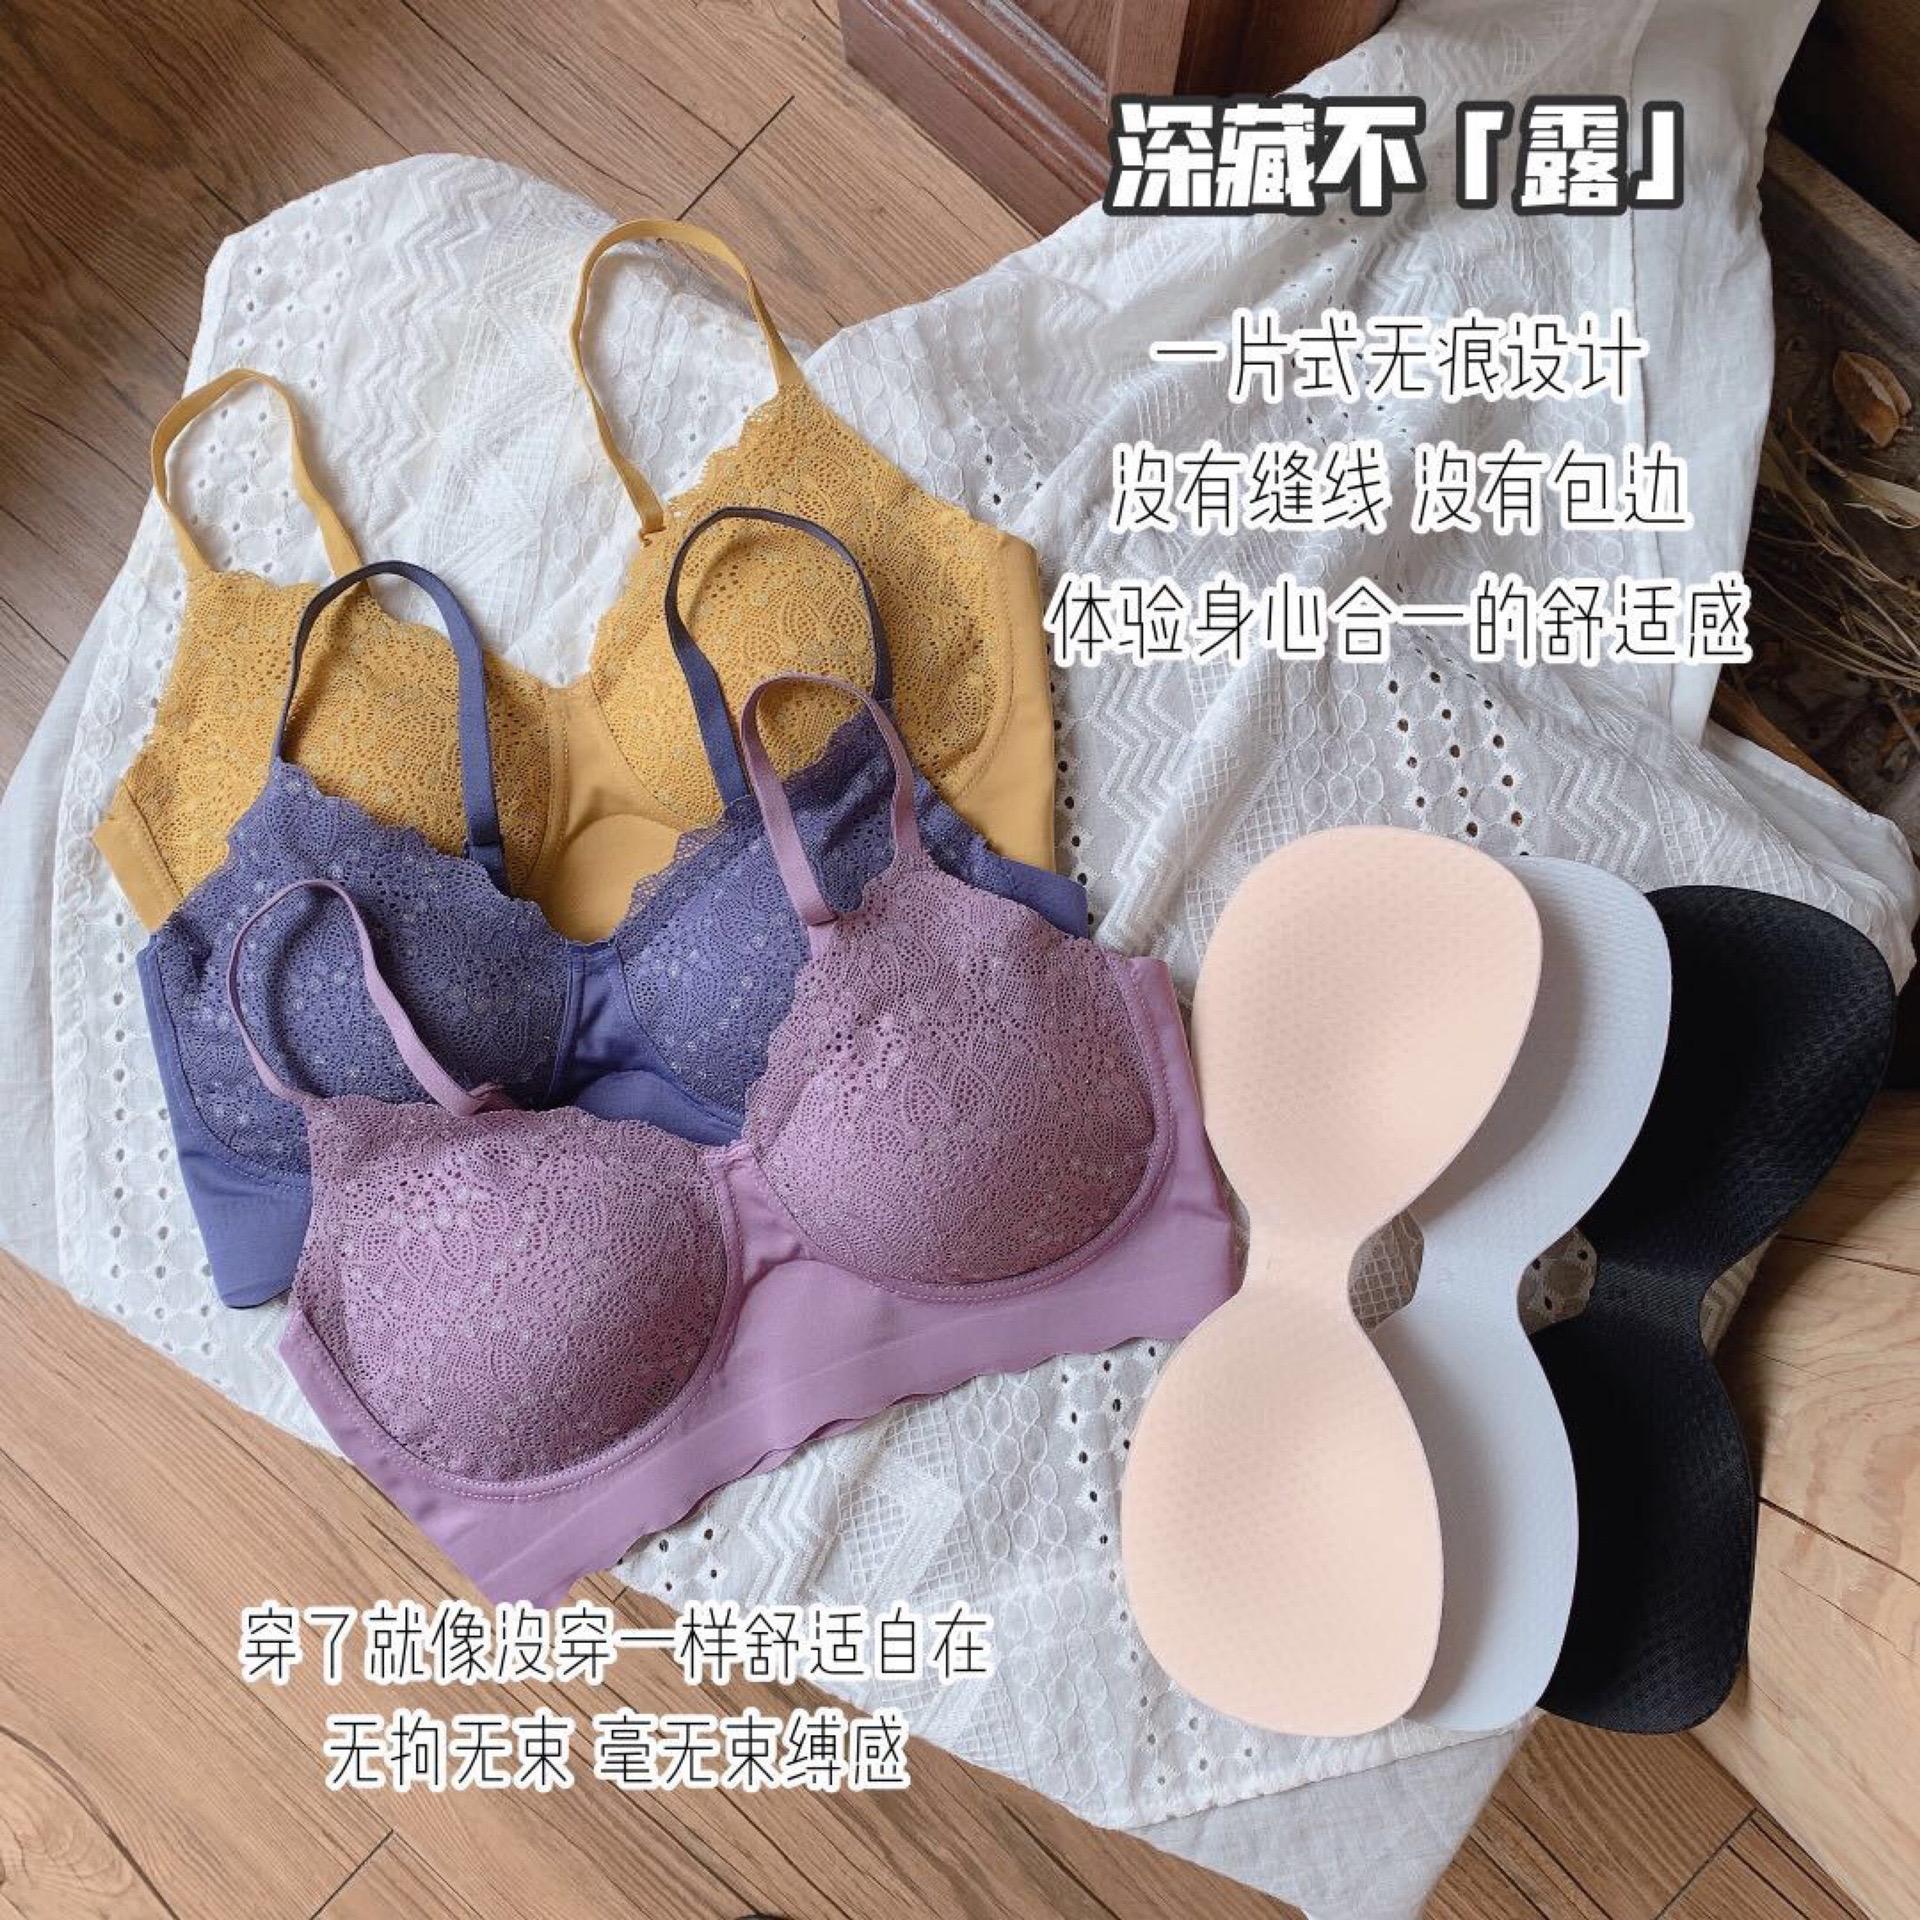 【第二件0元】日本睡眠裸感无痕内衣一片式吊带无钢圈瑜伽文胸女